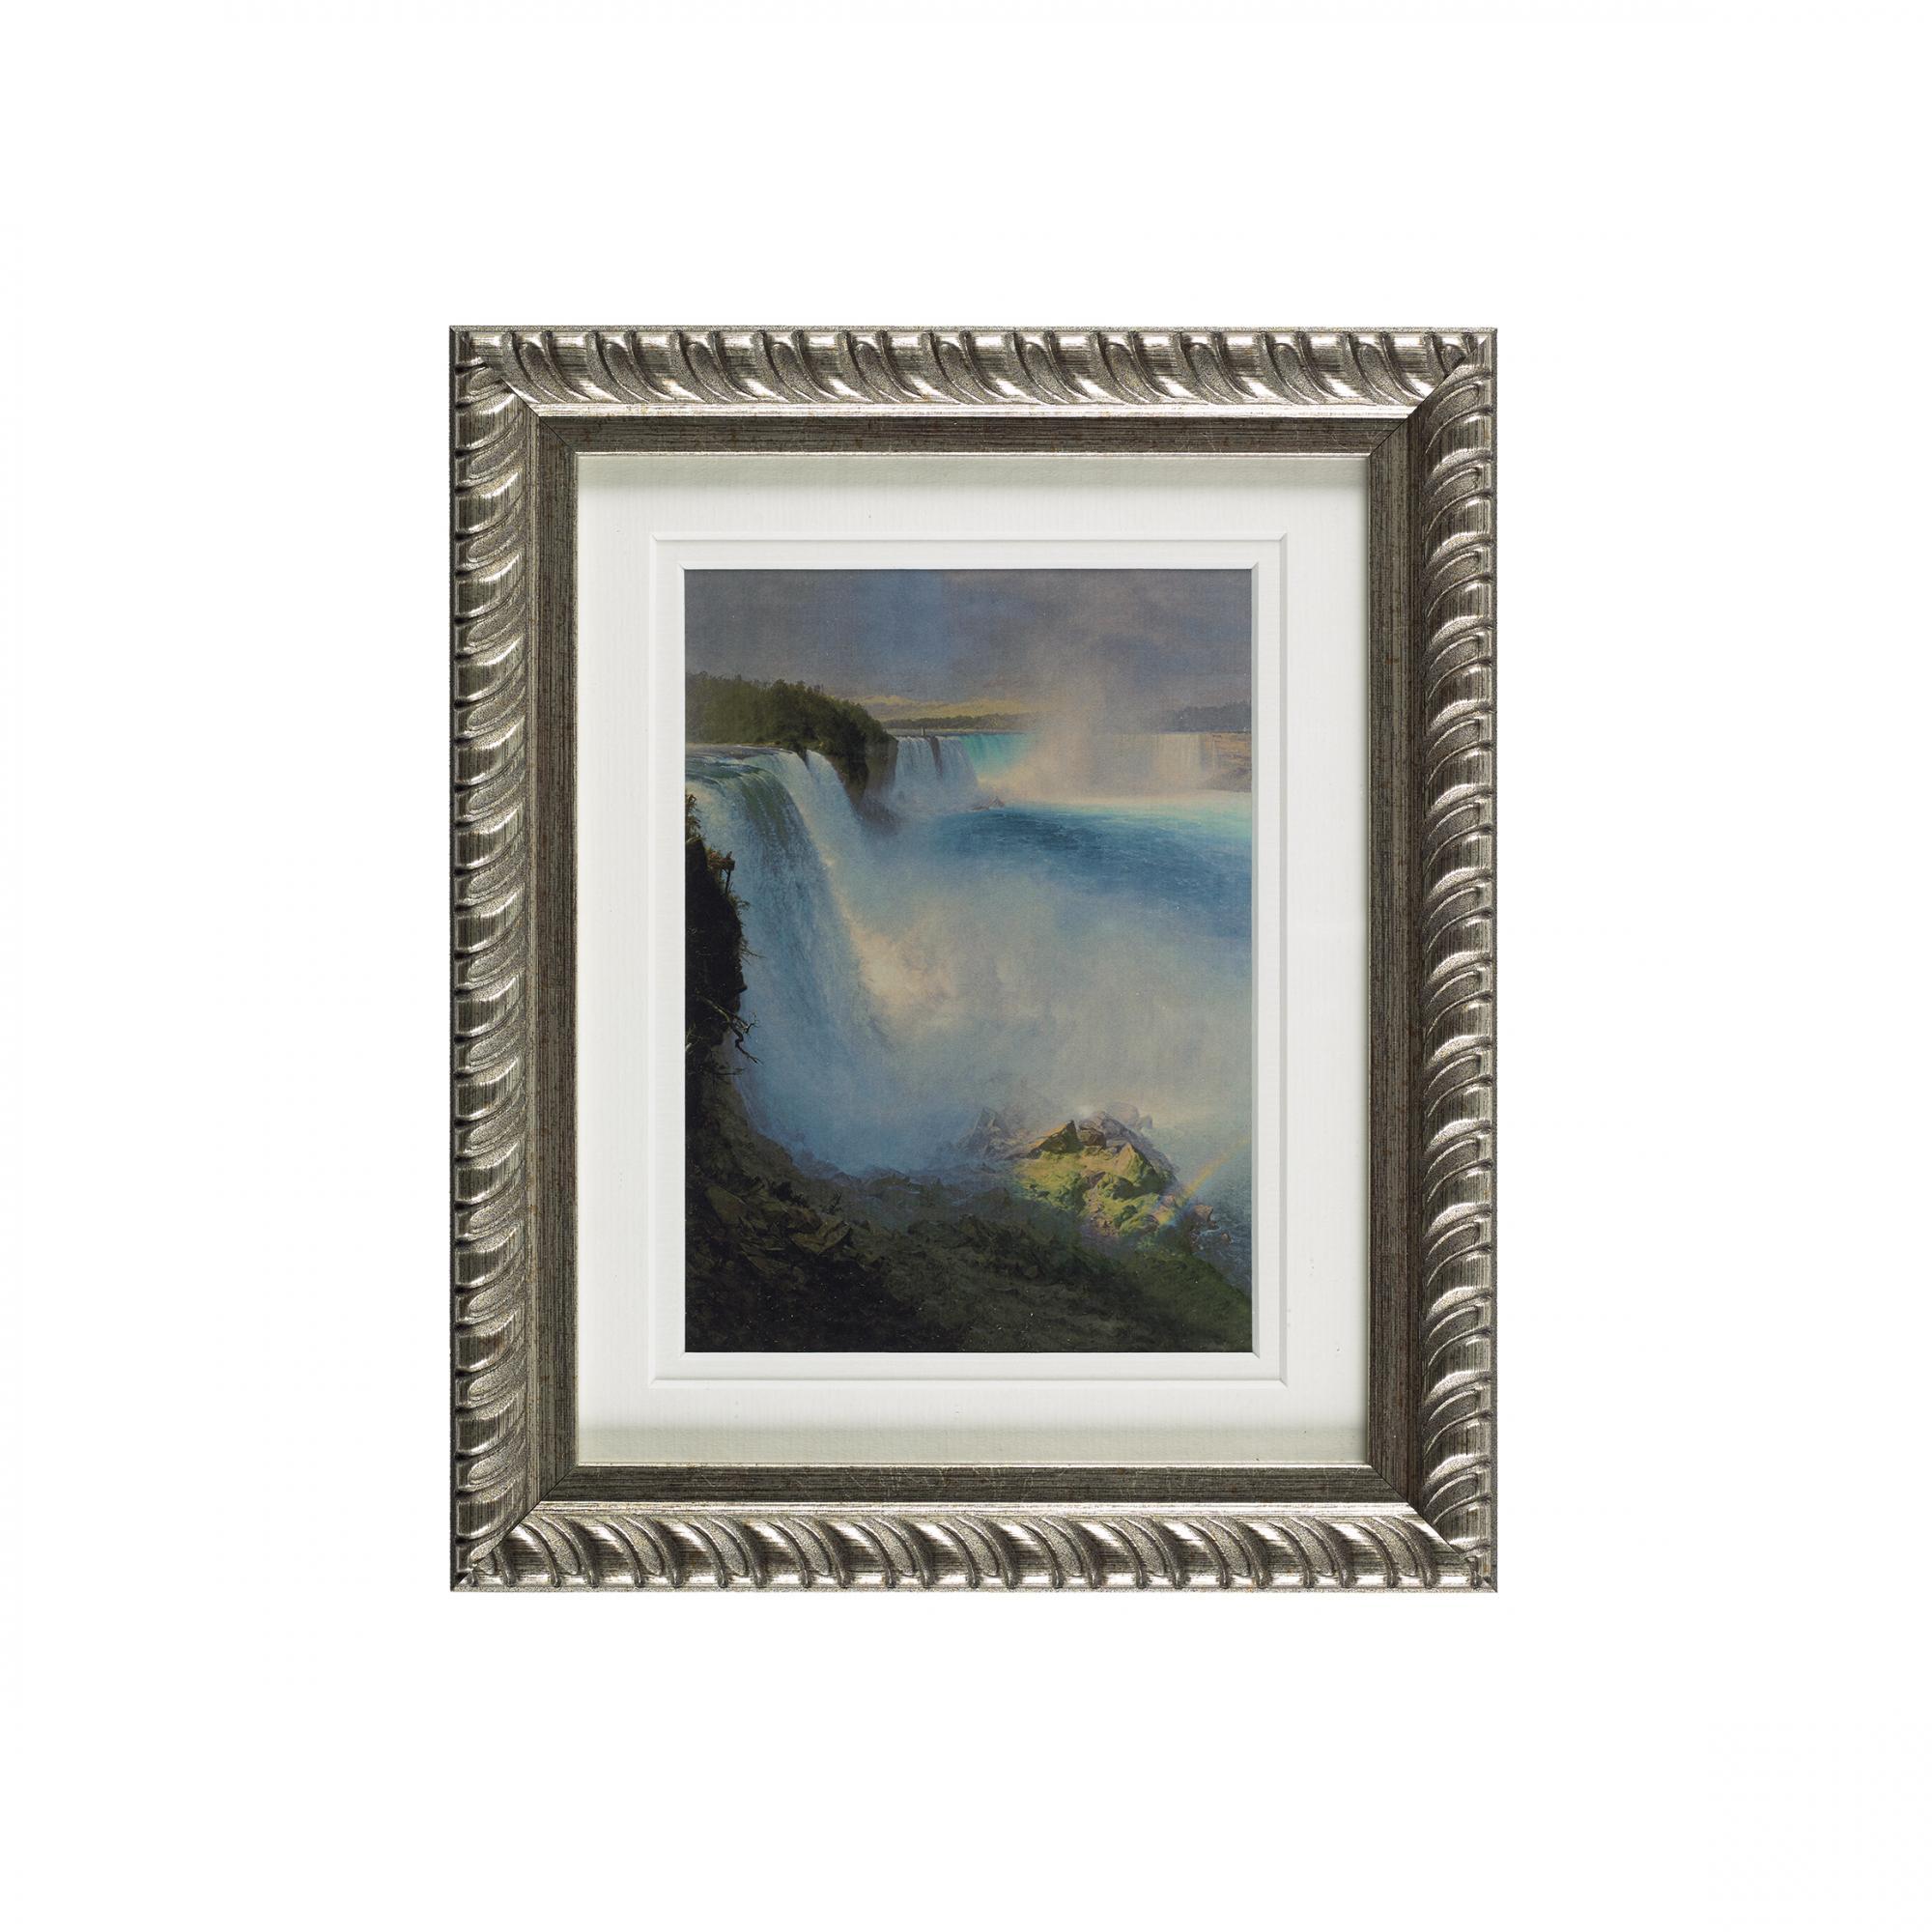 Niagara Falls ready to hang silver ornate framed print